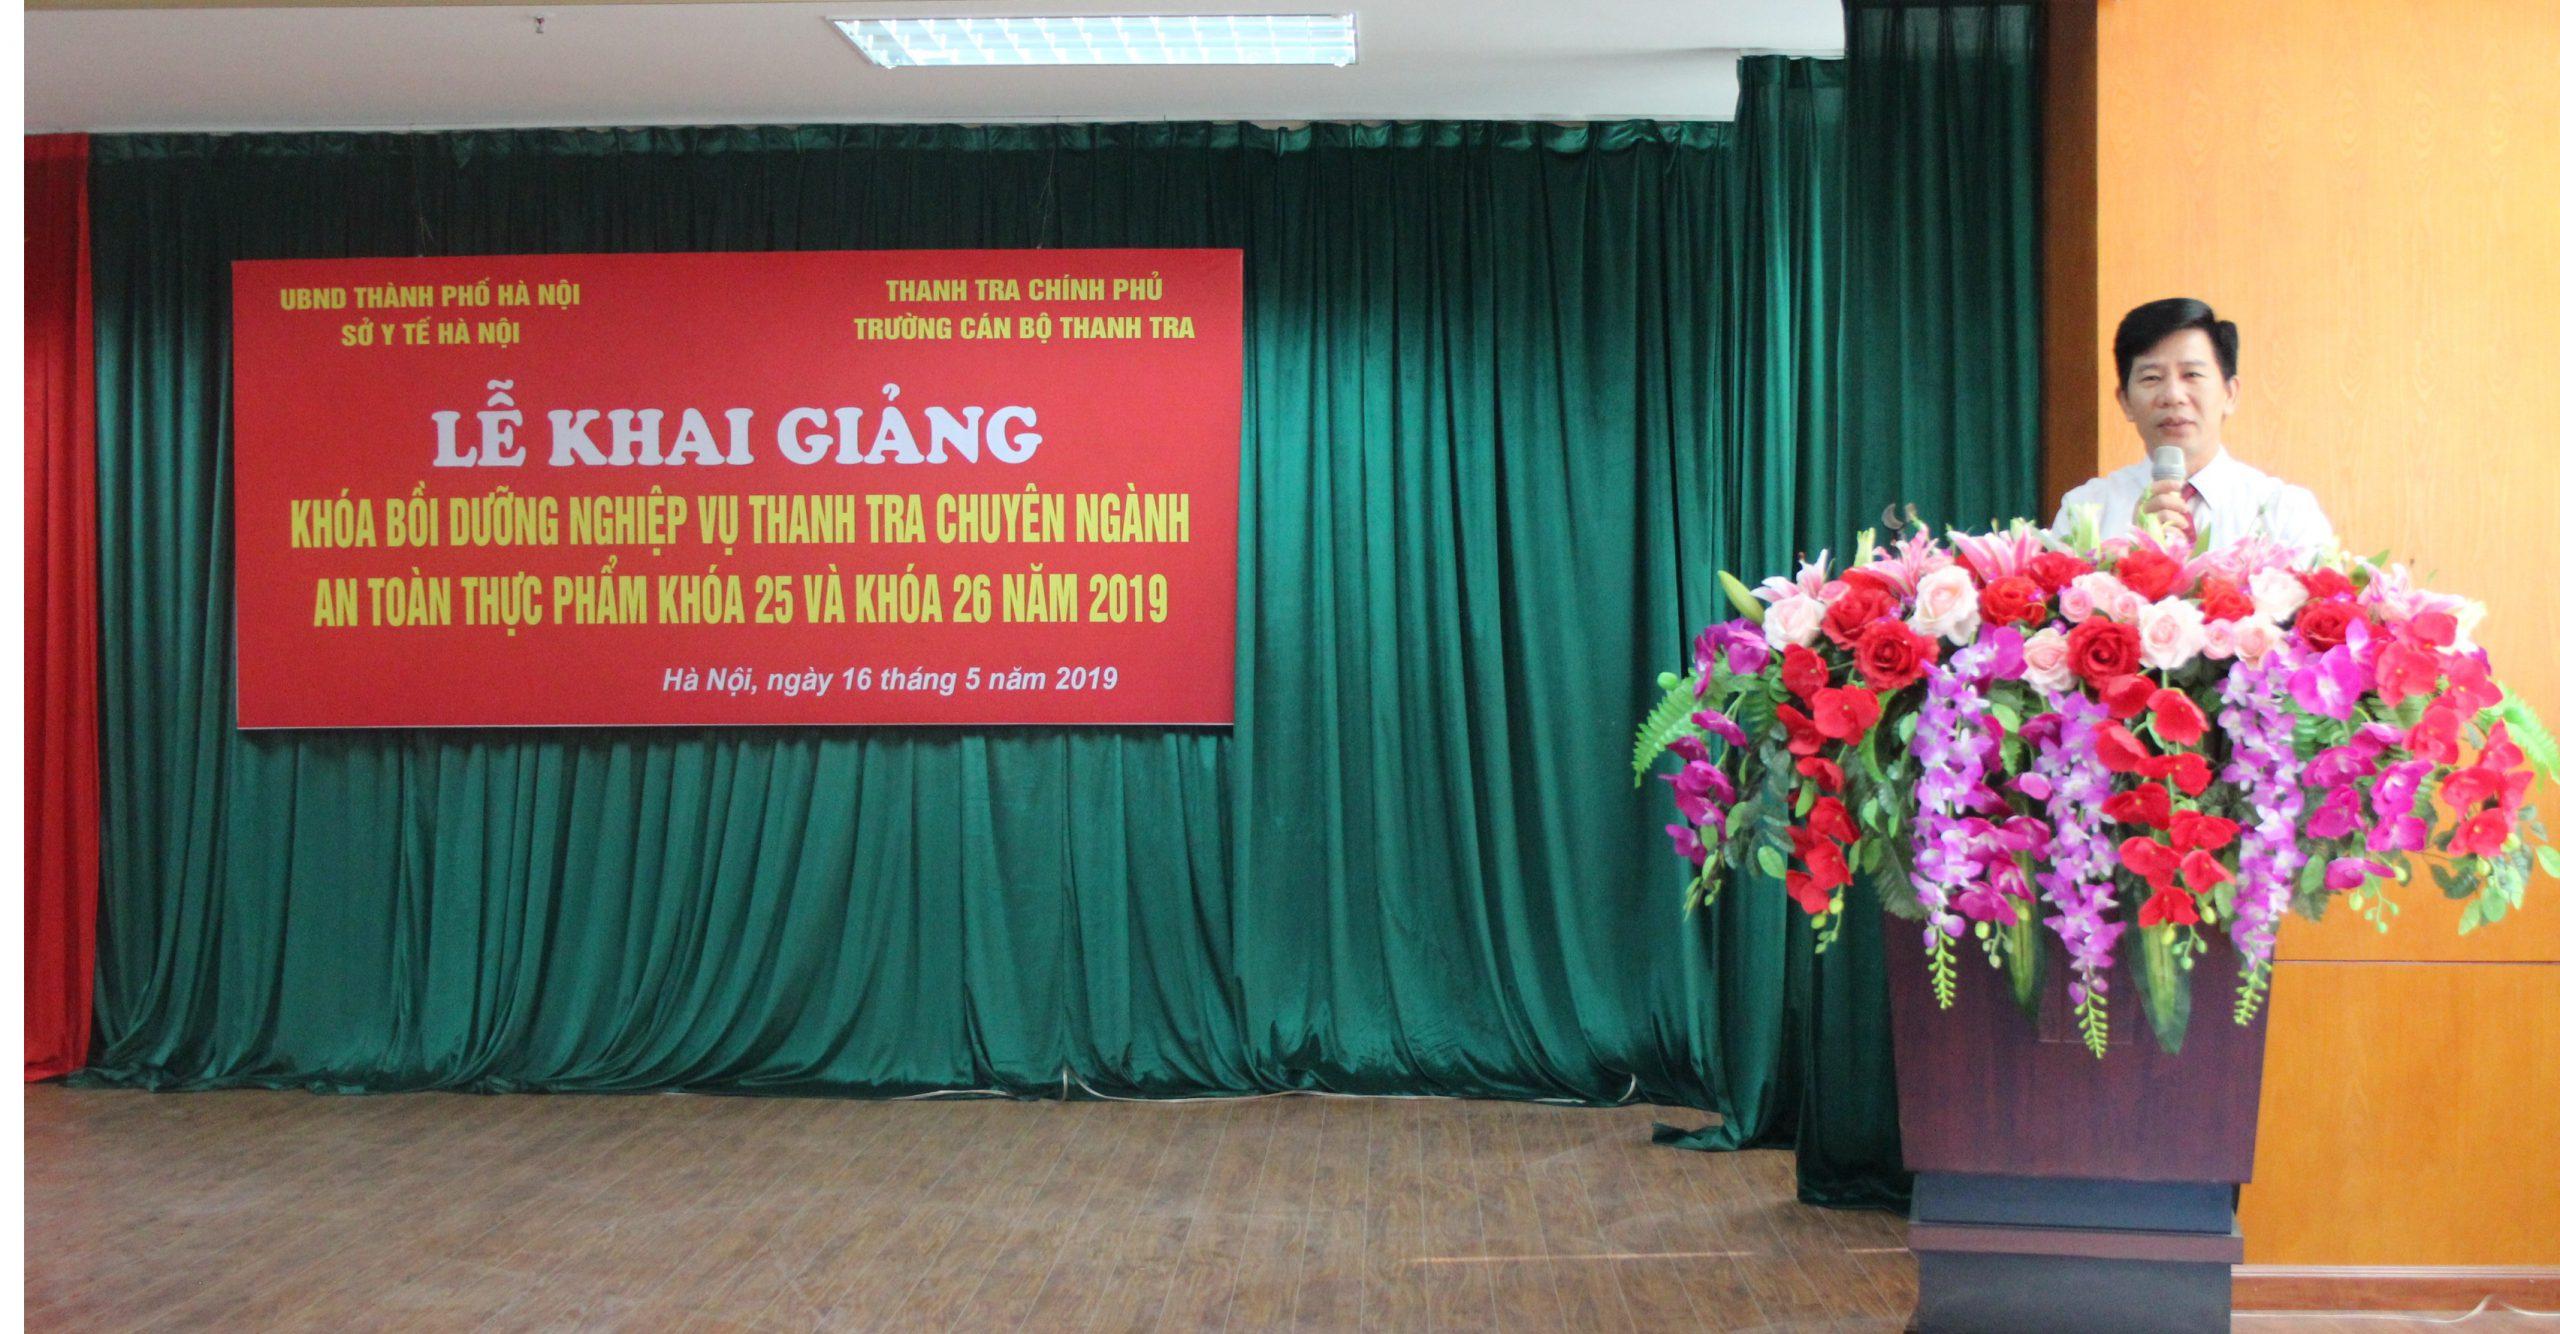 Ông Nguyễn Viết Thạch Phó Hiệu trưởng Trg CBTT phát biểu khai giảng khóa học